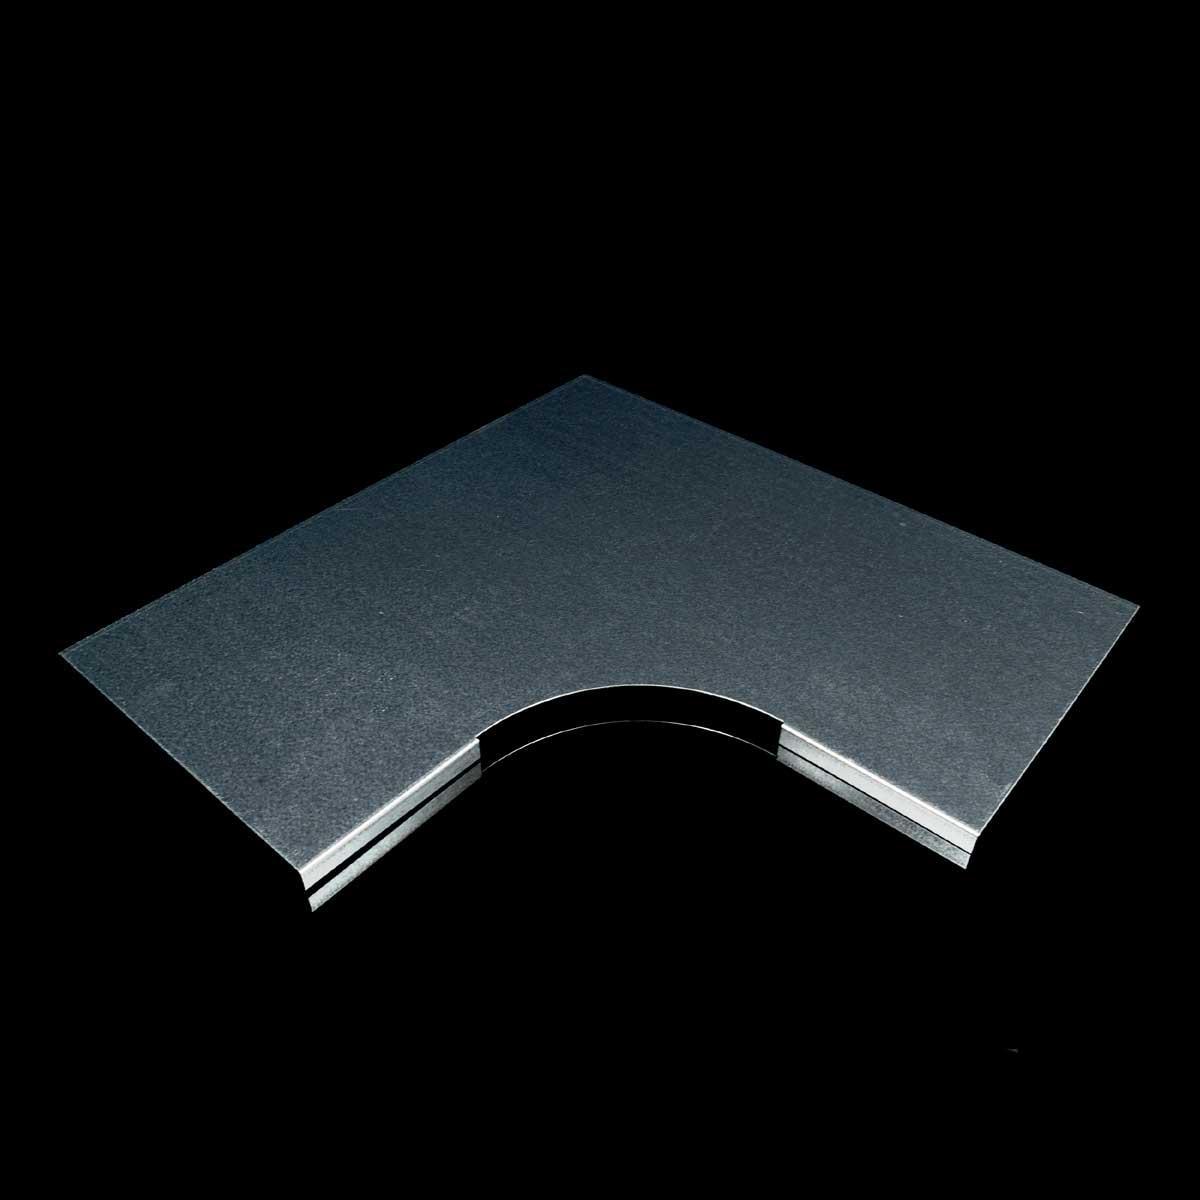 Кришка горизонтального повороту 90° для лотка JUPITER; розміри-15x600x804mm Товщ. метал-1 Вага-4,36кг/м